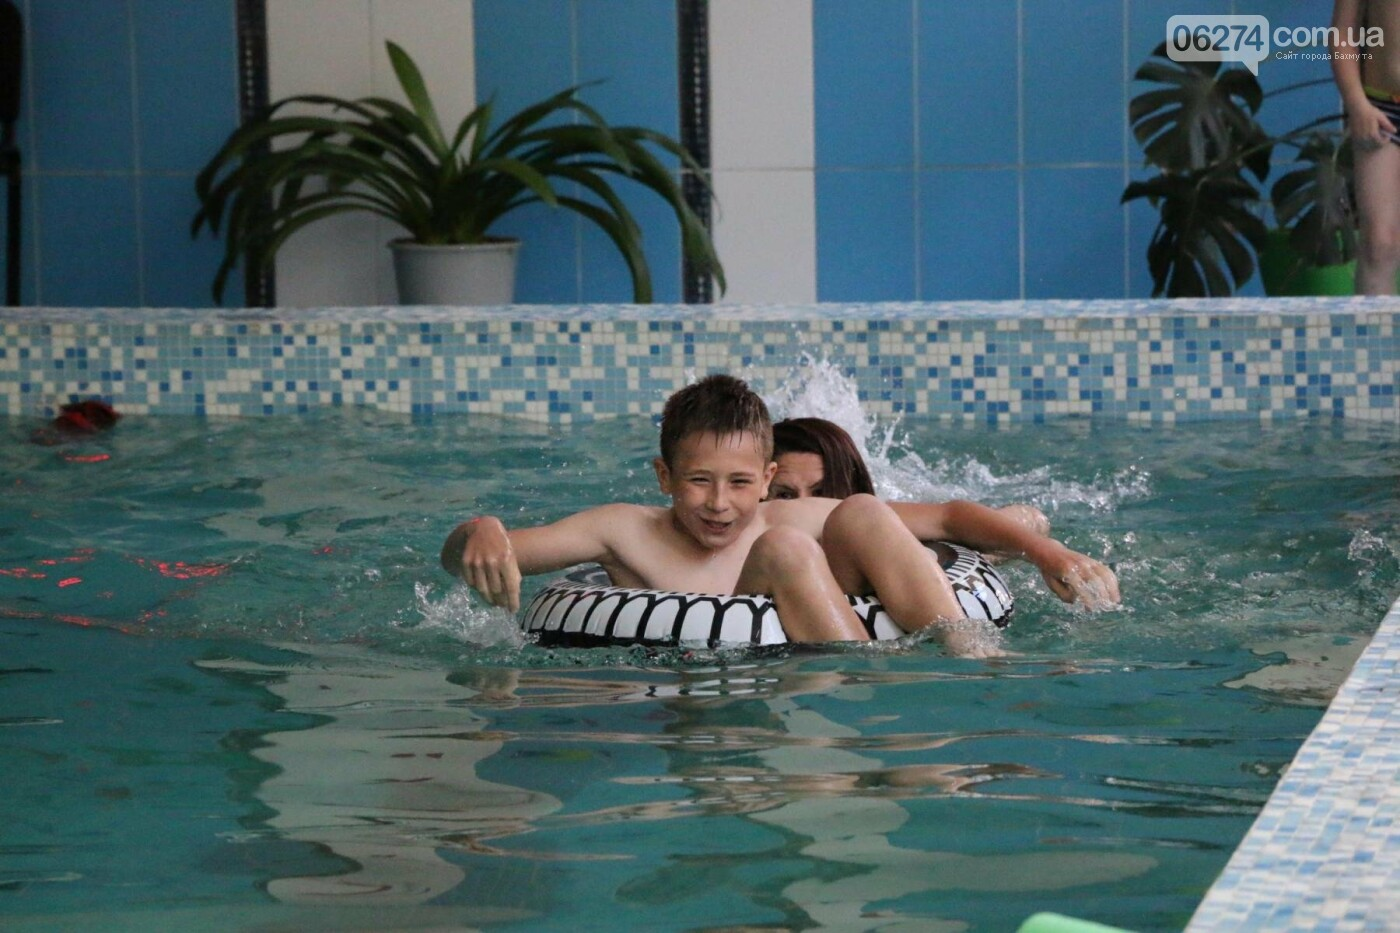 В Бахмуте ко Дню матери и Дню семьи провели семейный заплыв, фото-11